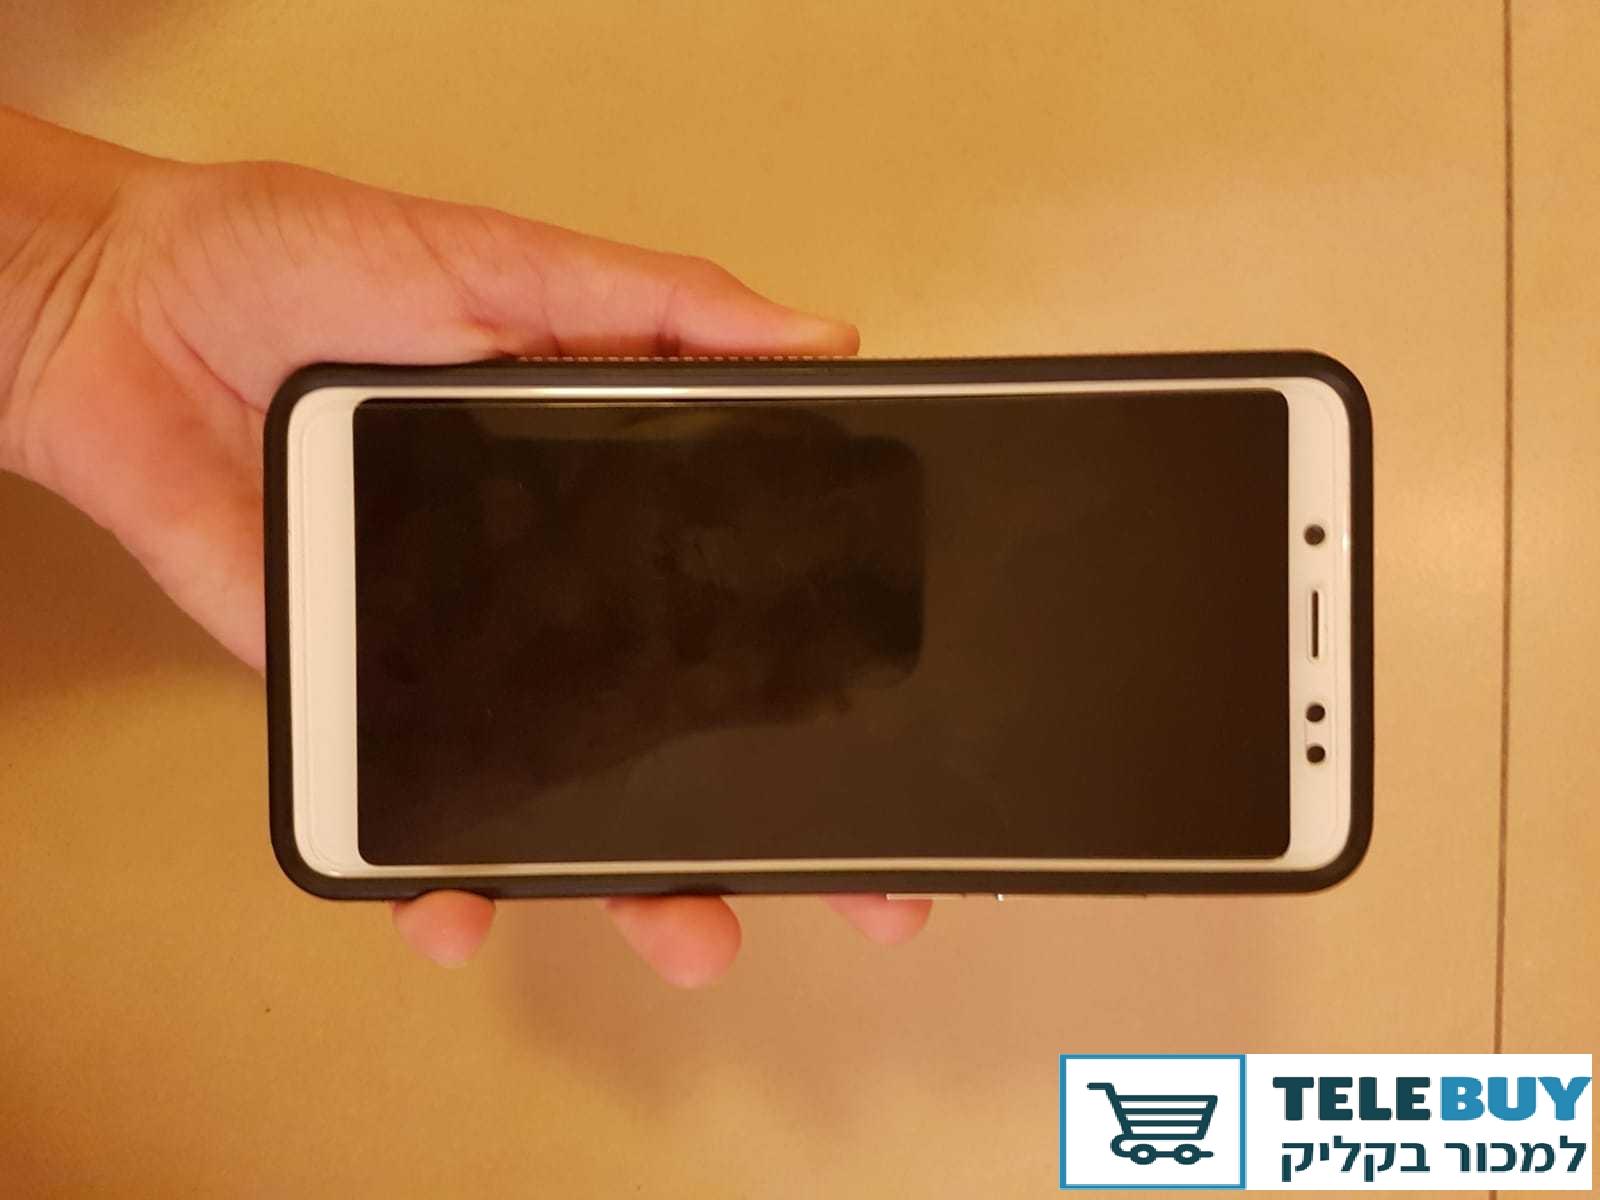 סלולרי מכשיר סלולרי Xiaomi אחר בישובים באזור מרכז